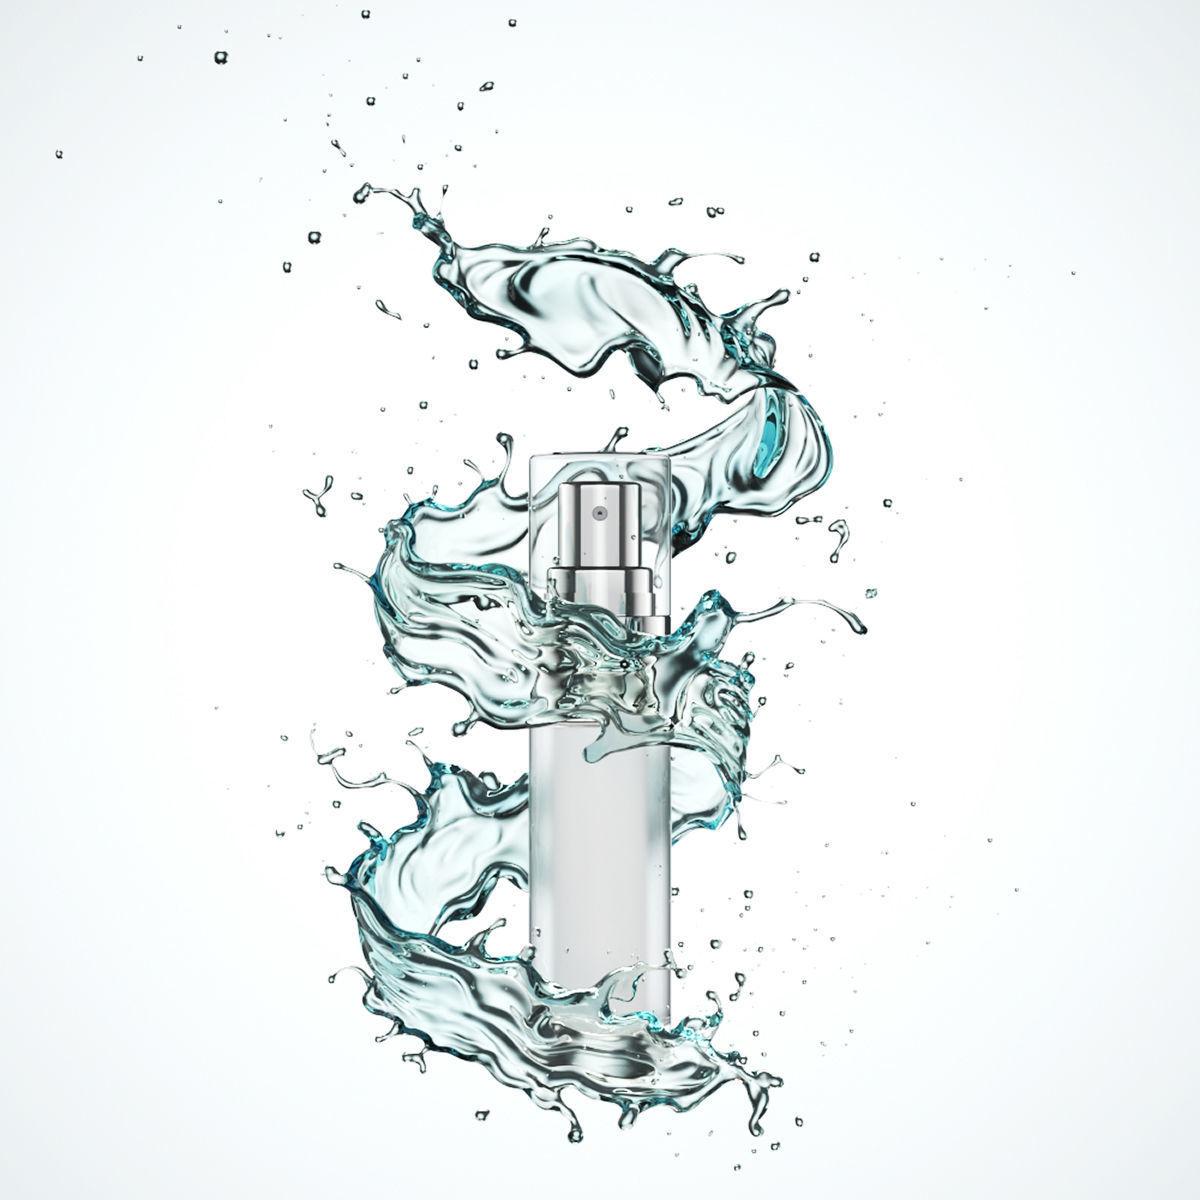 cosmetic Serum packaging tube 3D model with water liquid splash